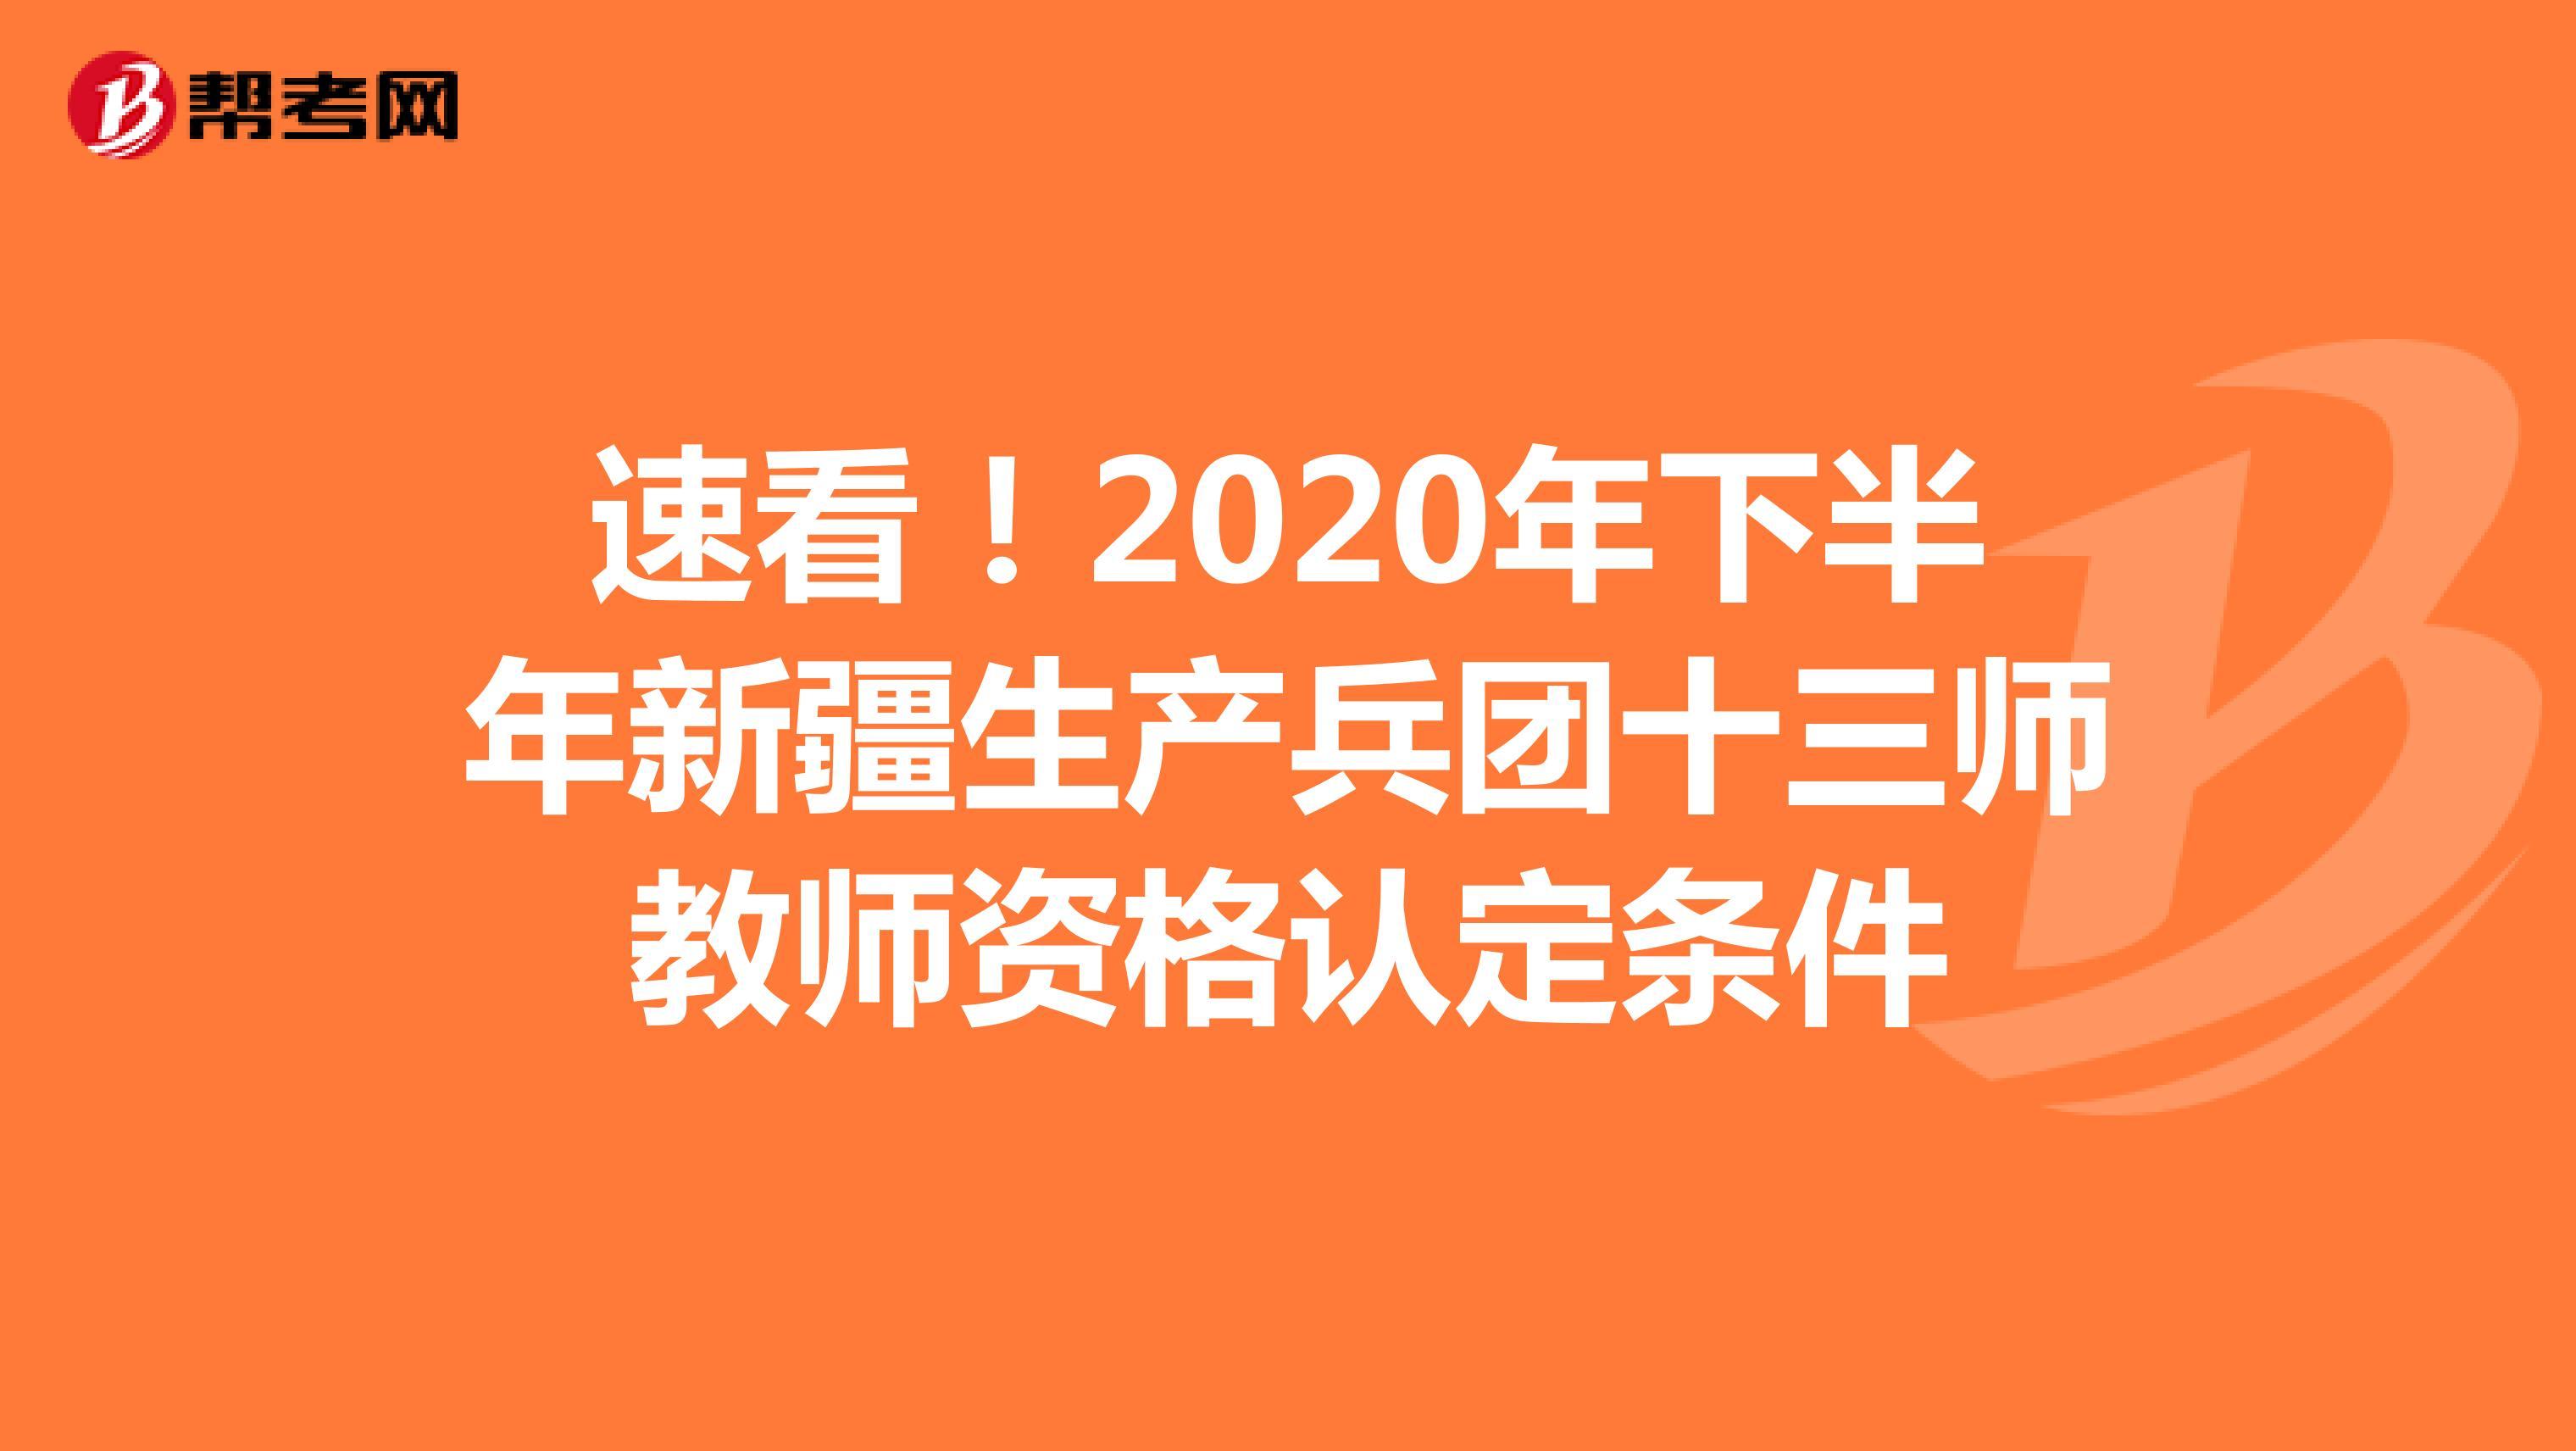 速看!2020年下半年新疆生产兵团十三师教师资格认定条件